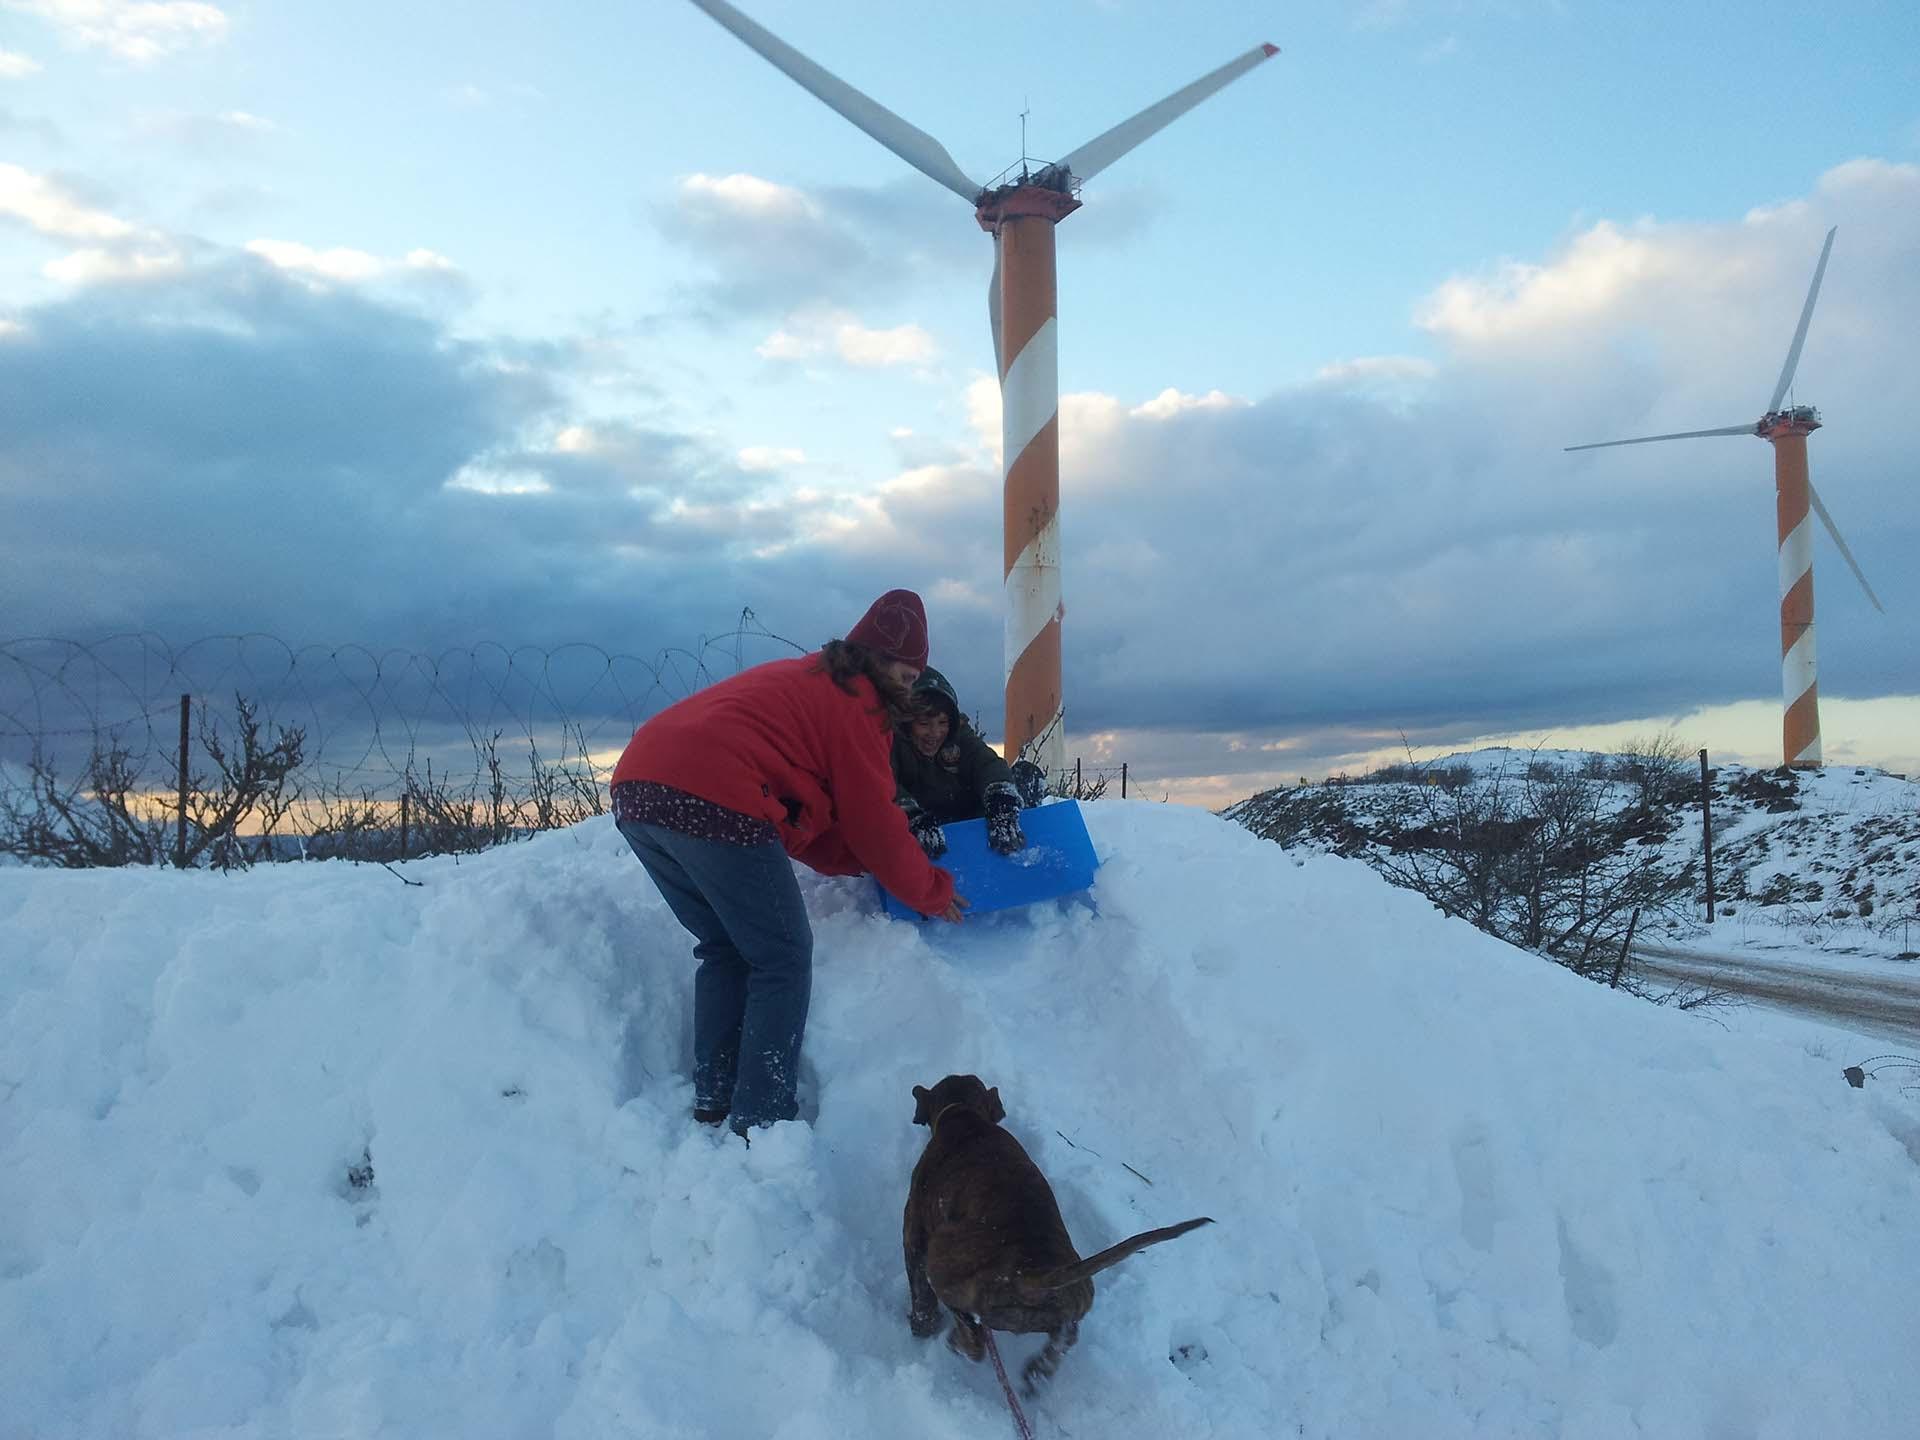 טיולי משפחות בחורף לפסגות מושלגות בג'יפים של פלגי בזלת